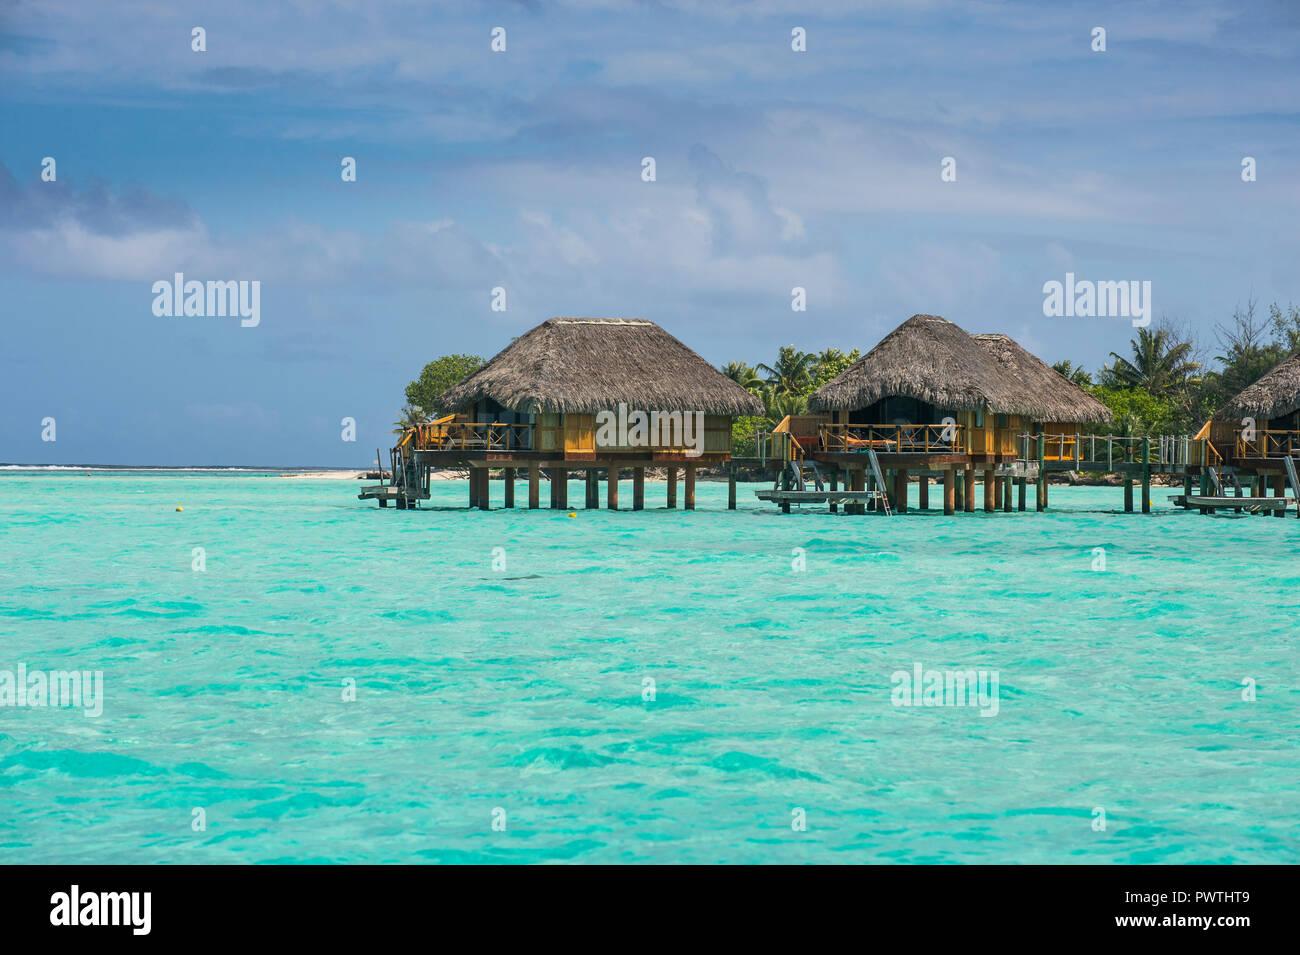 Overwater Bungalows On Stilts In Luxury Hotel Bora Bora